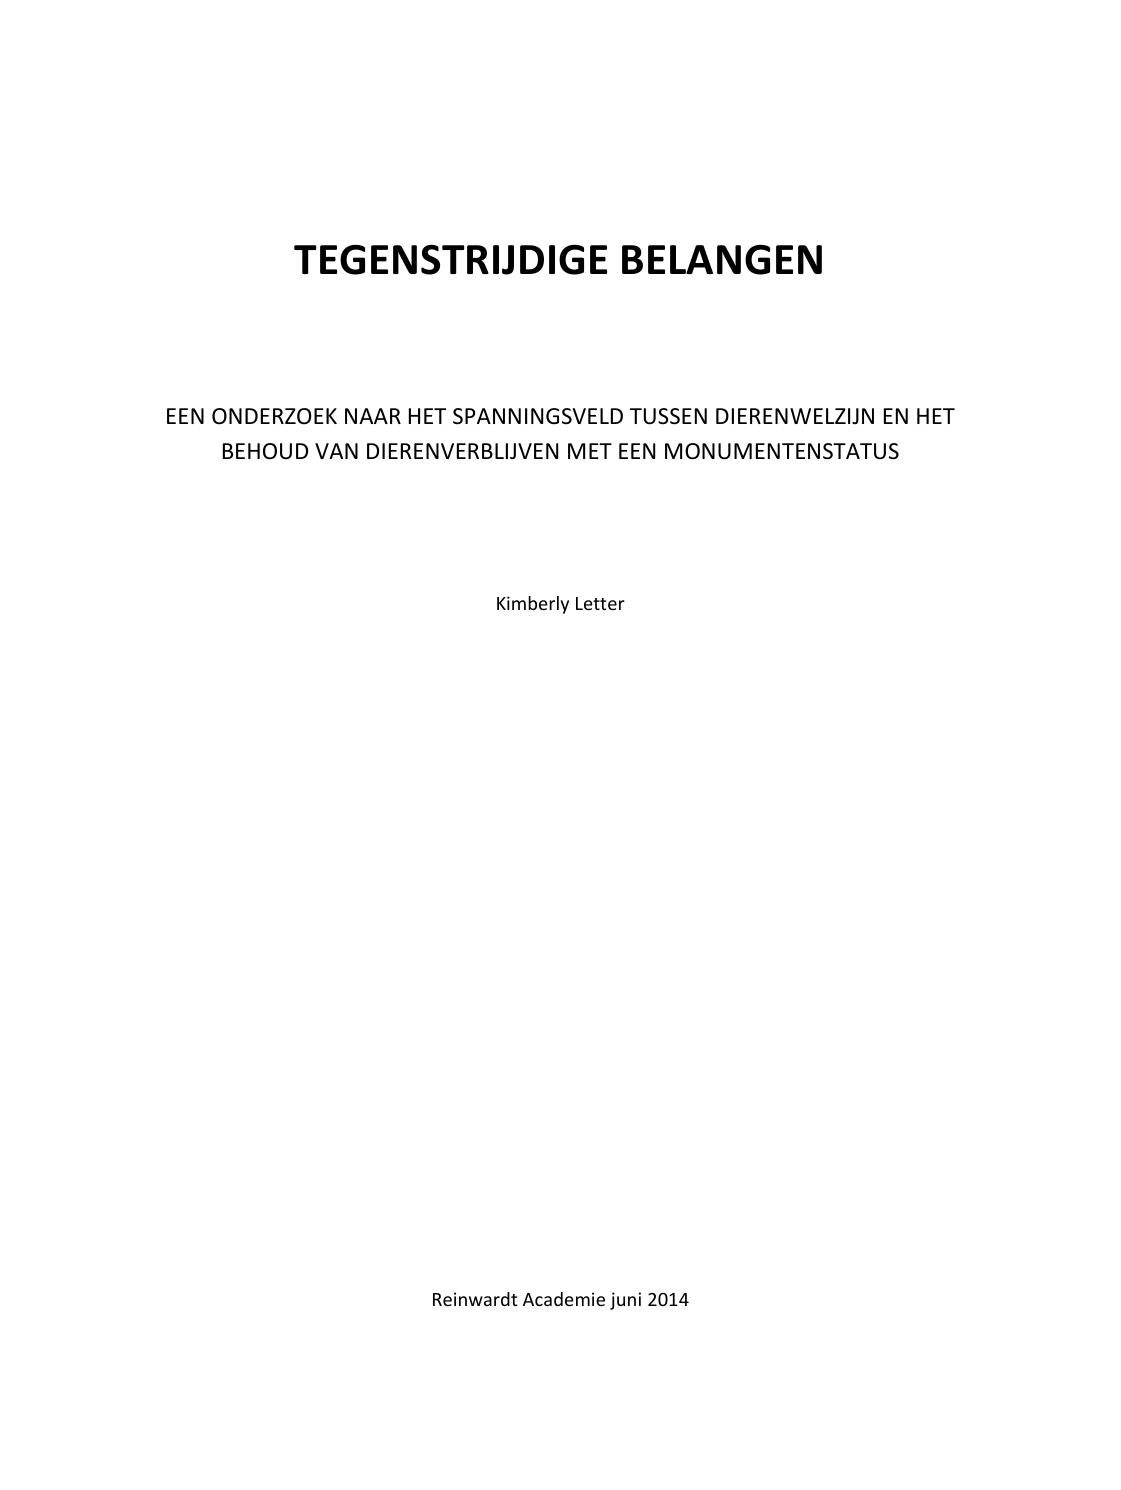 master thesis voorbeeld